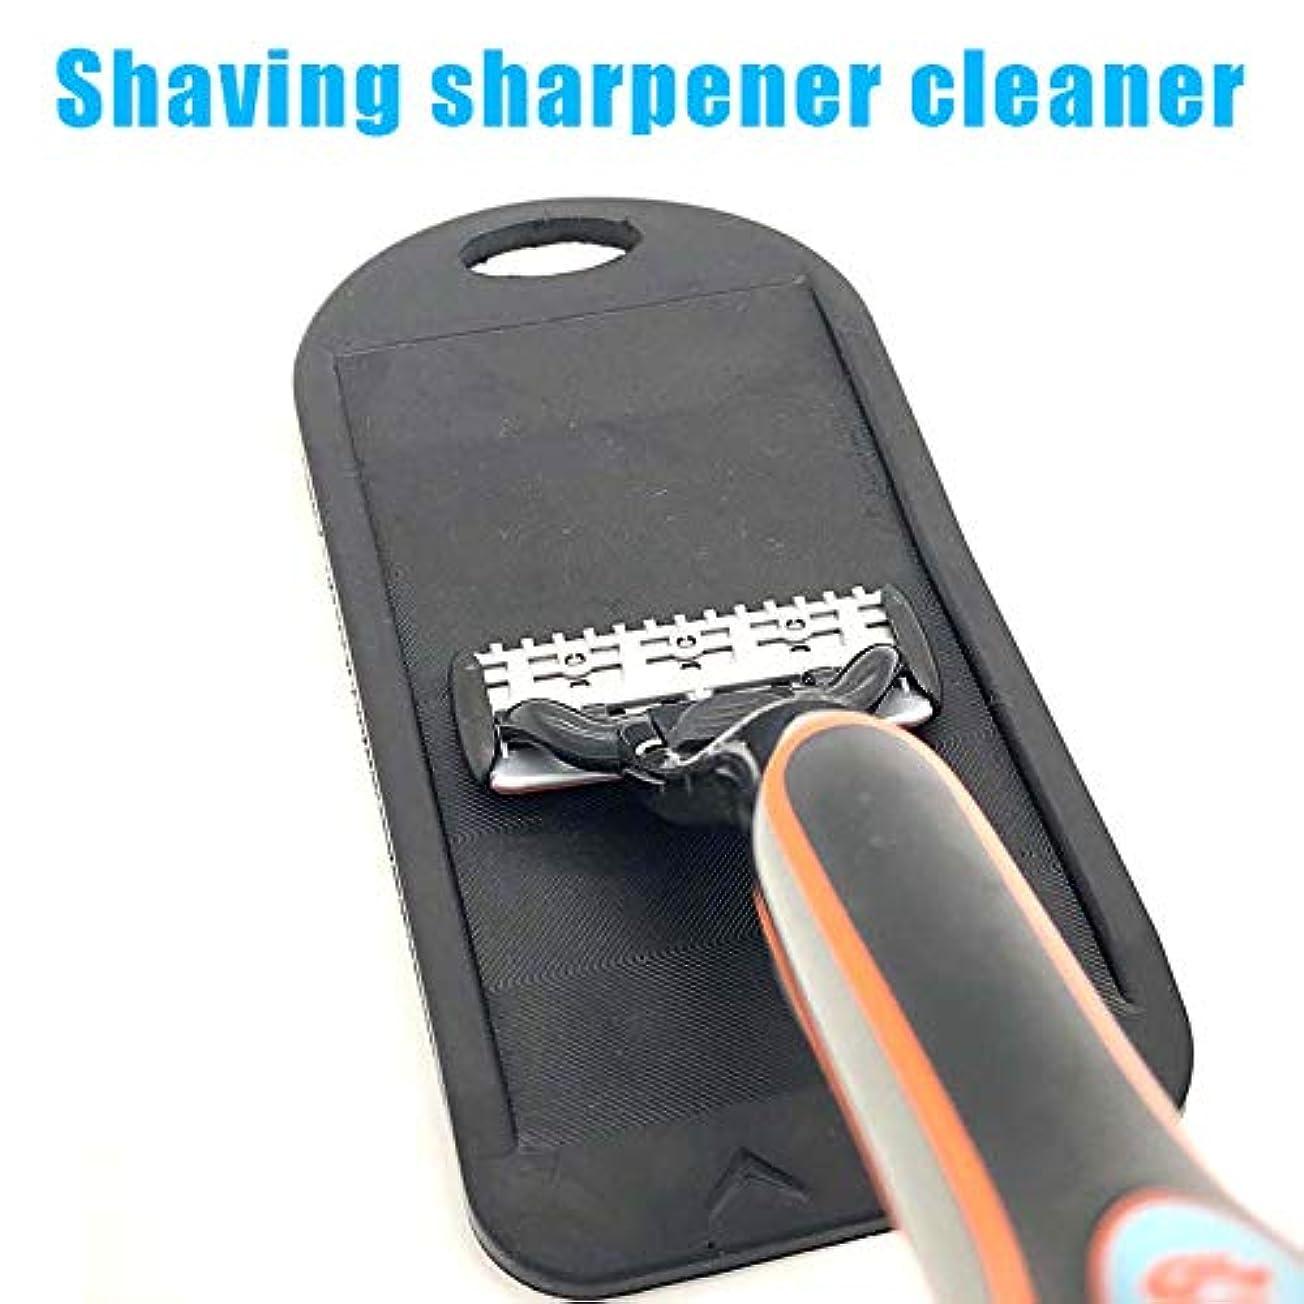 素人曇った吸収SweetiChic シェービングクリーナー シェーバークリーナー 剃刀の刃 削り器 男と女 女性、男性、時間、ギフト用